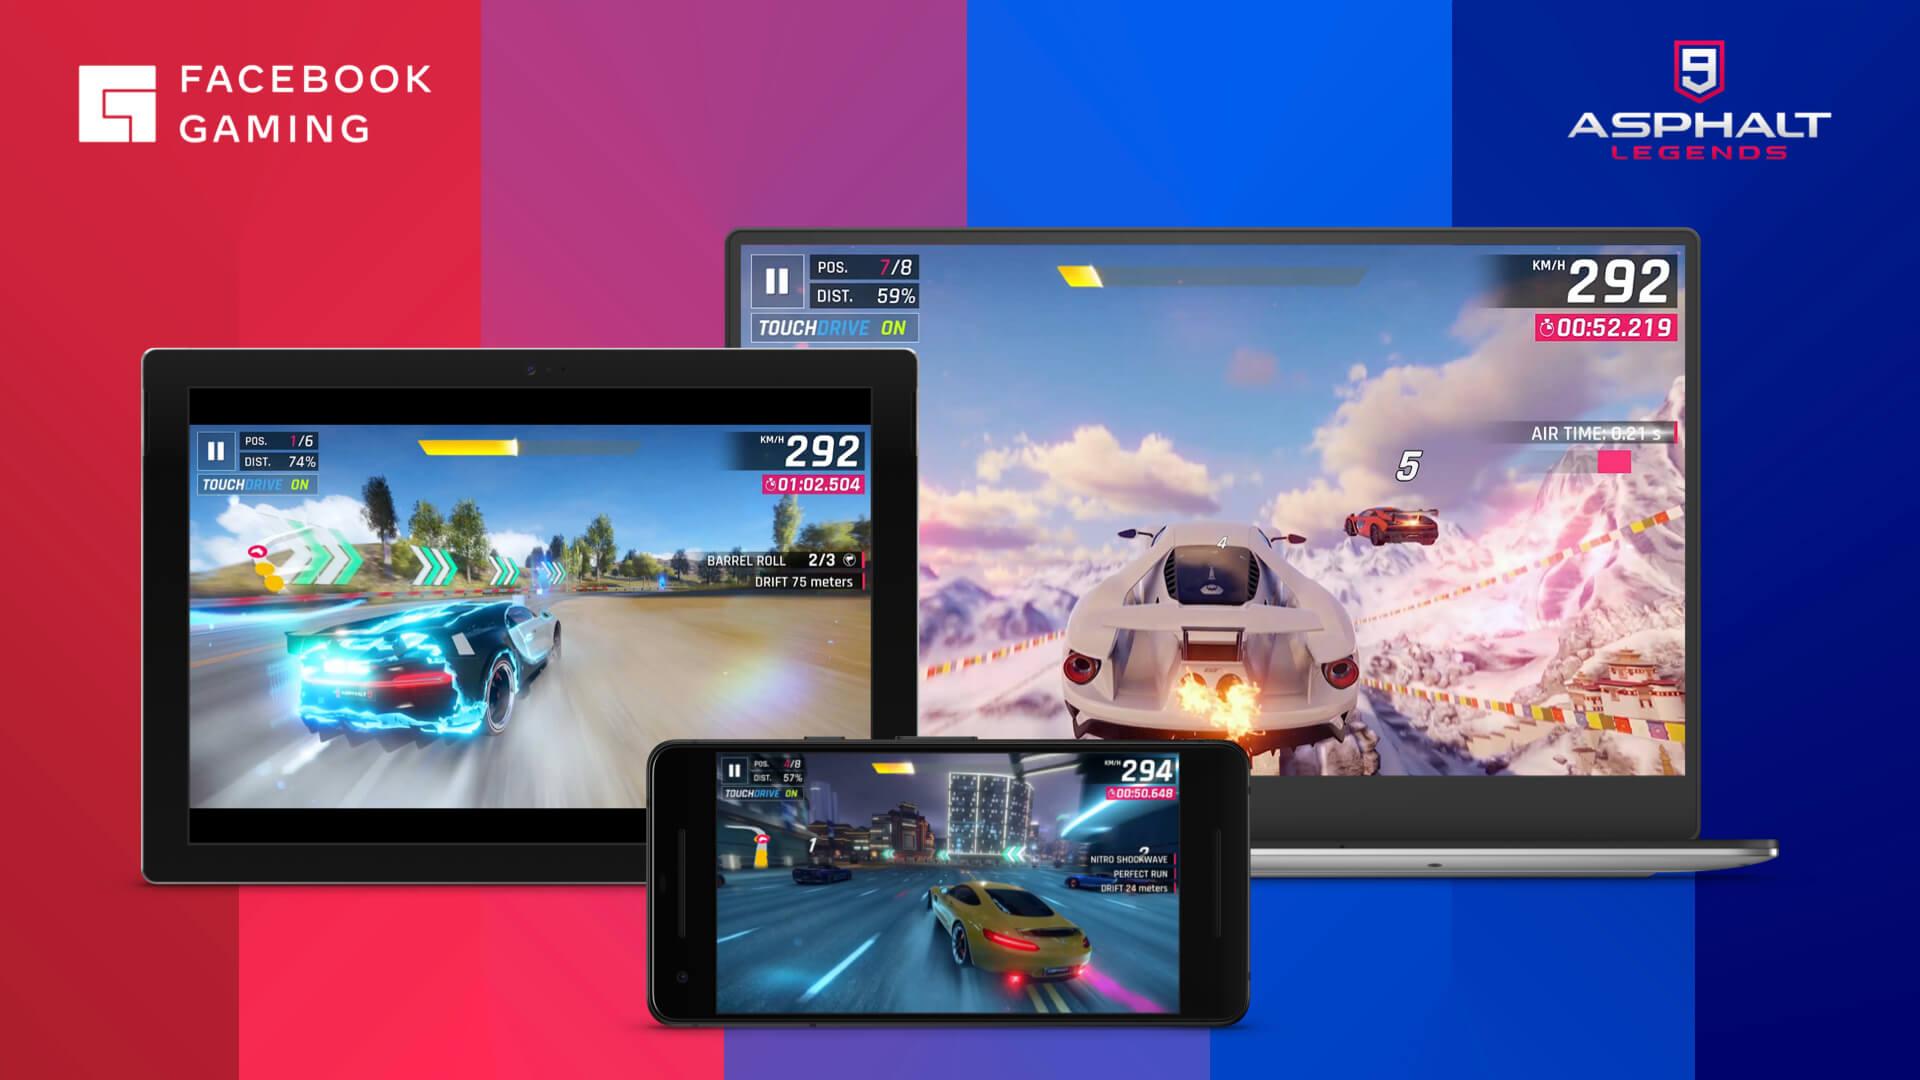 Facebook'tan Bulut Tabanlı Oyun Sistemine Yeni Adım: Instant Games